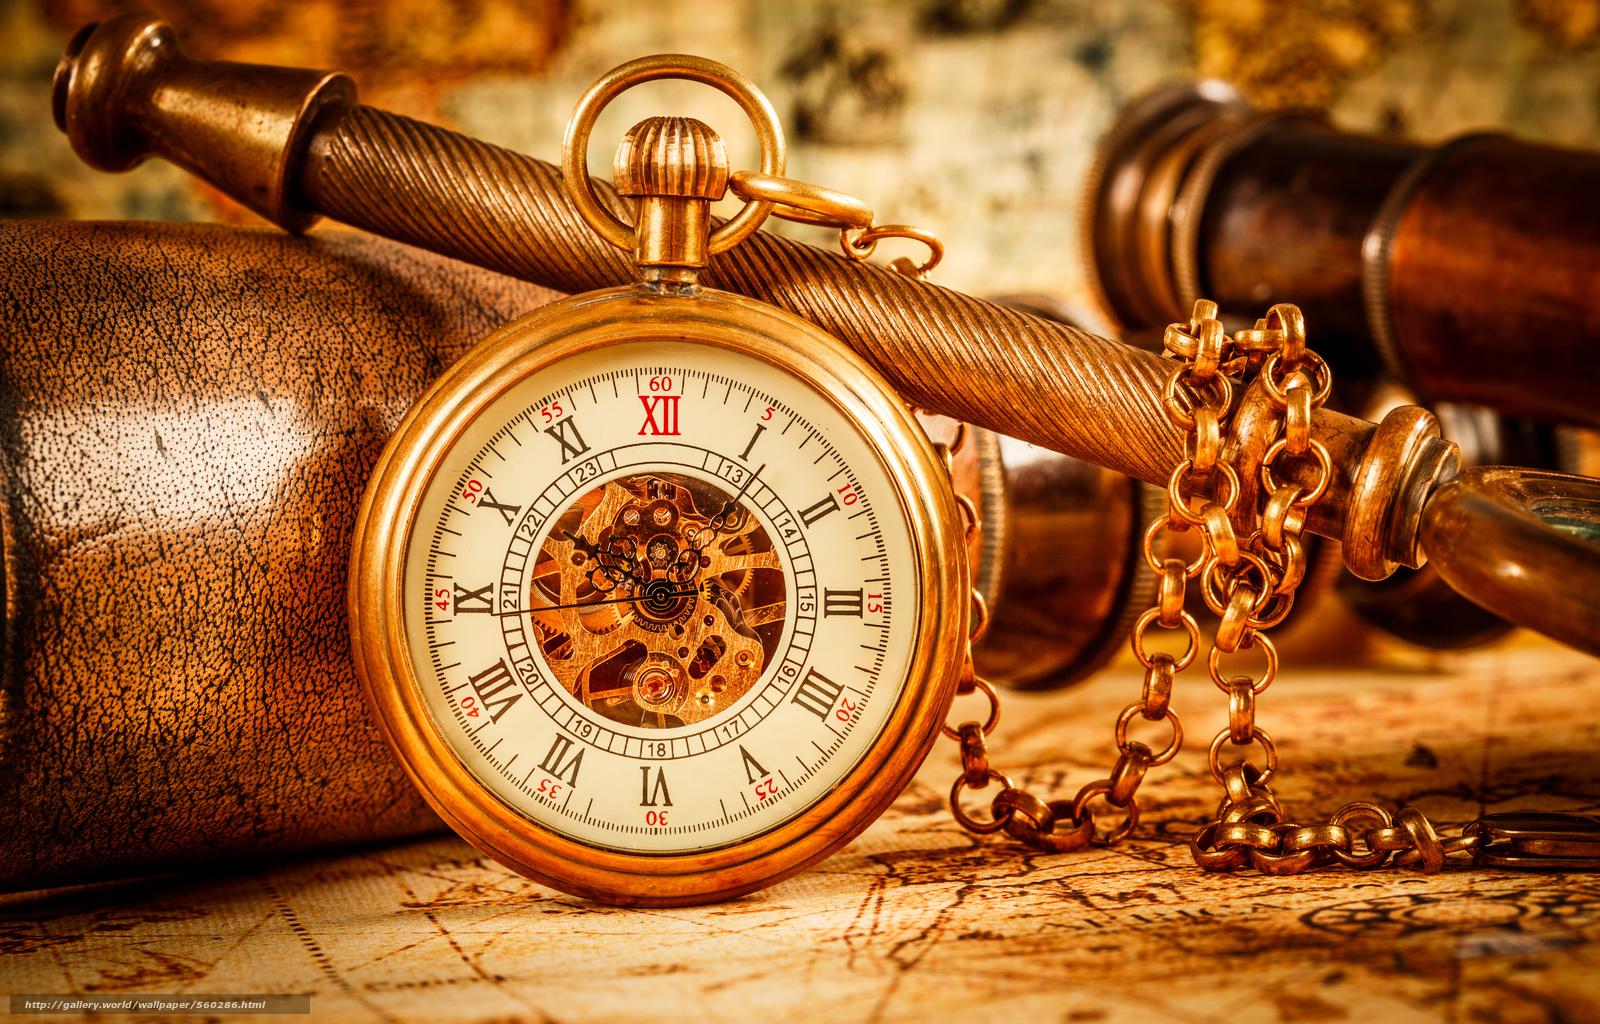 В скупка великом новгороде часов в в стоимость казани час газели